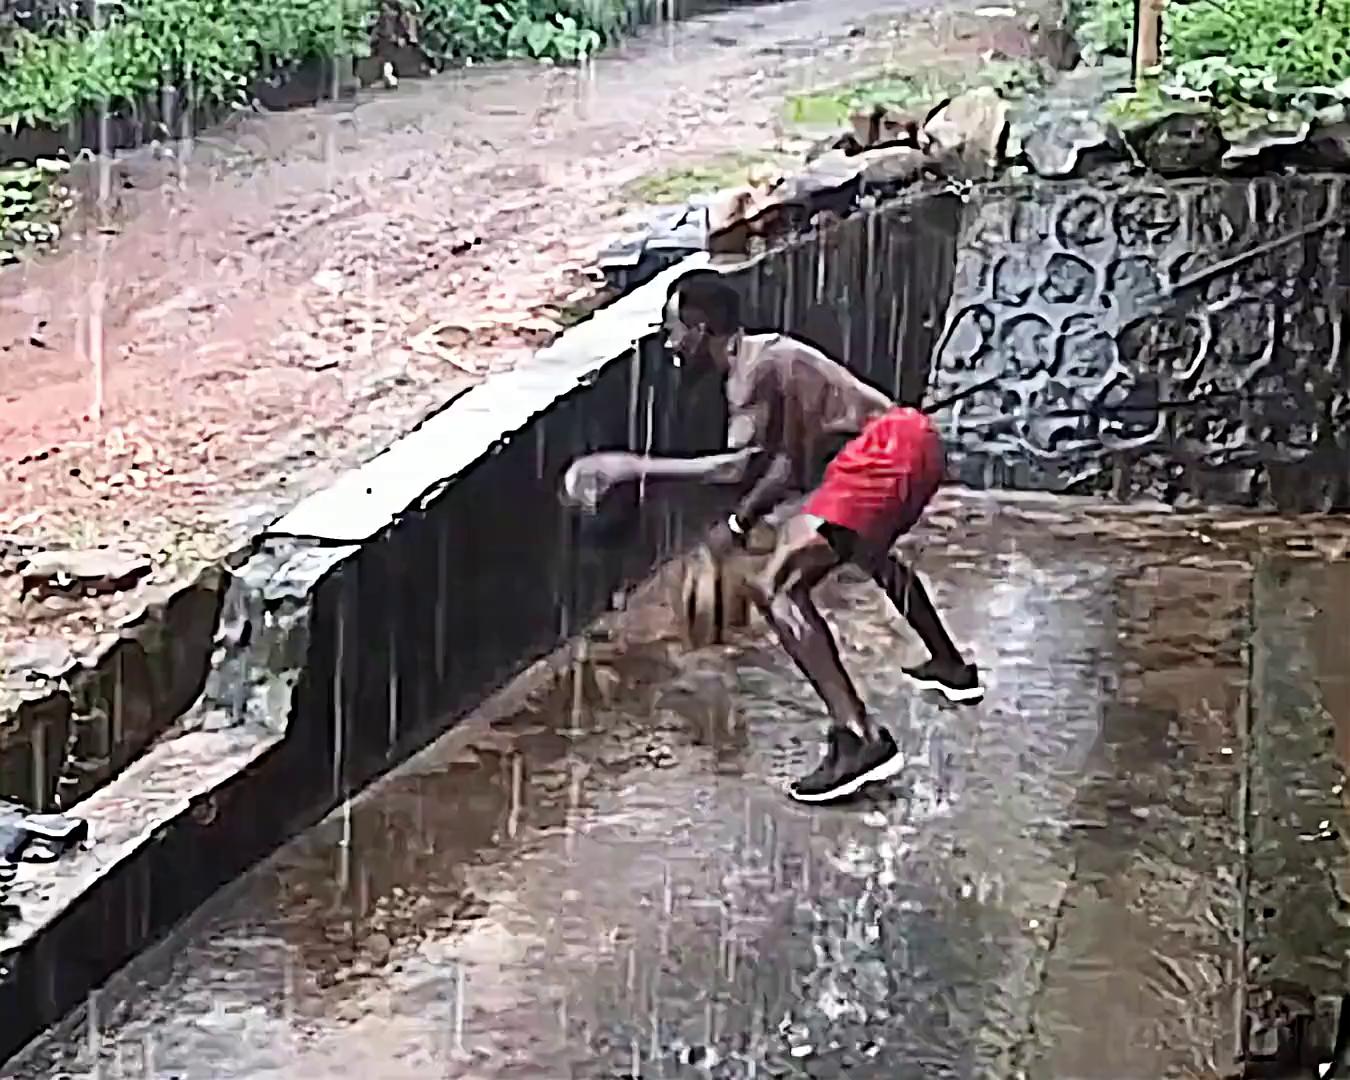 一個非洲年輕人的訓練影片,他在戰火紛飛的非洲追逐籃球夢!